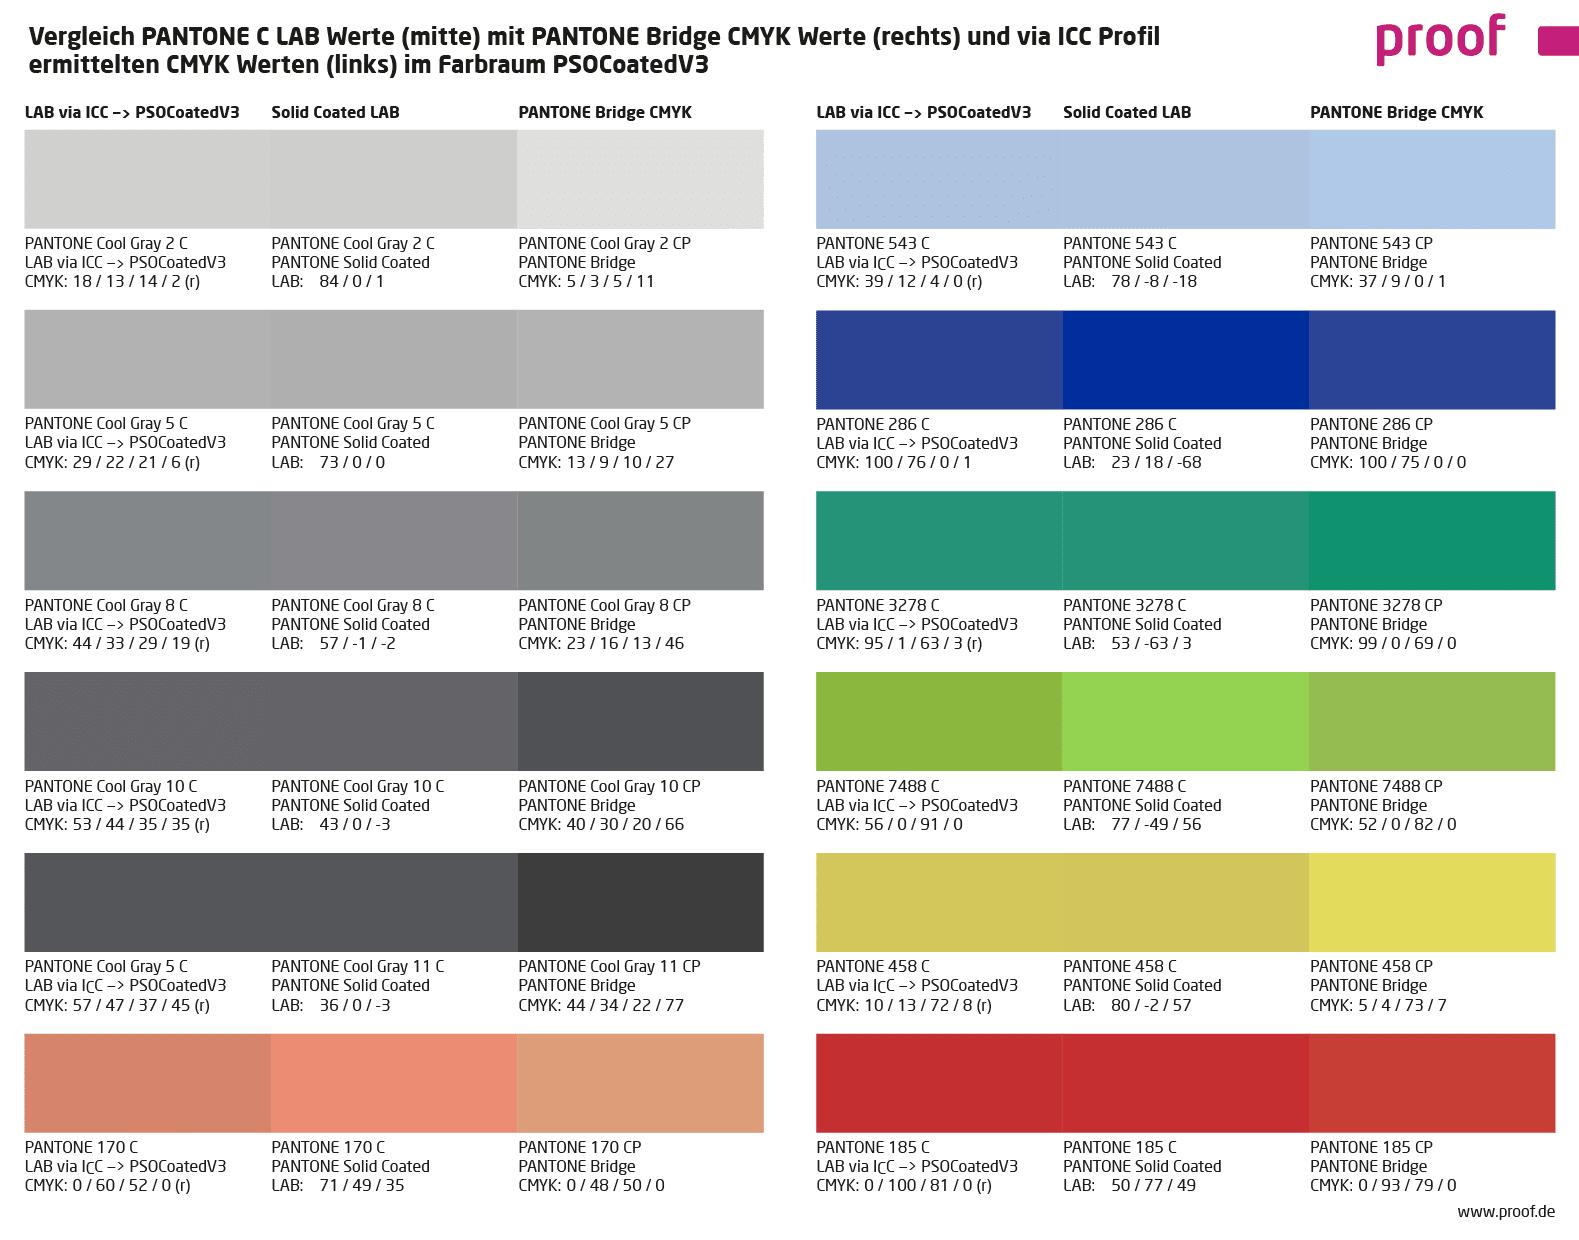 Pantone Farben Optimal In Cmyk Umsetzen Proof De